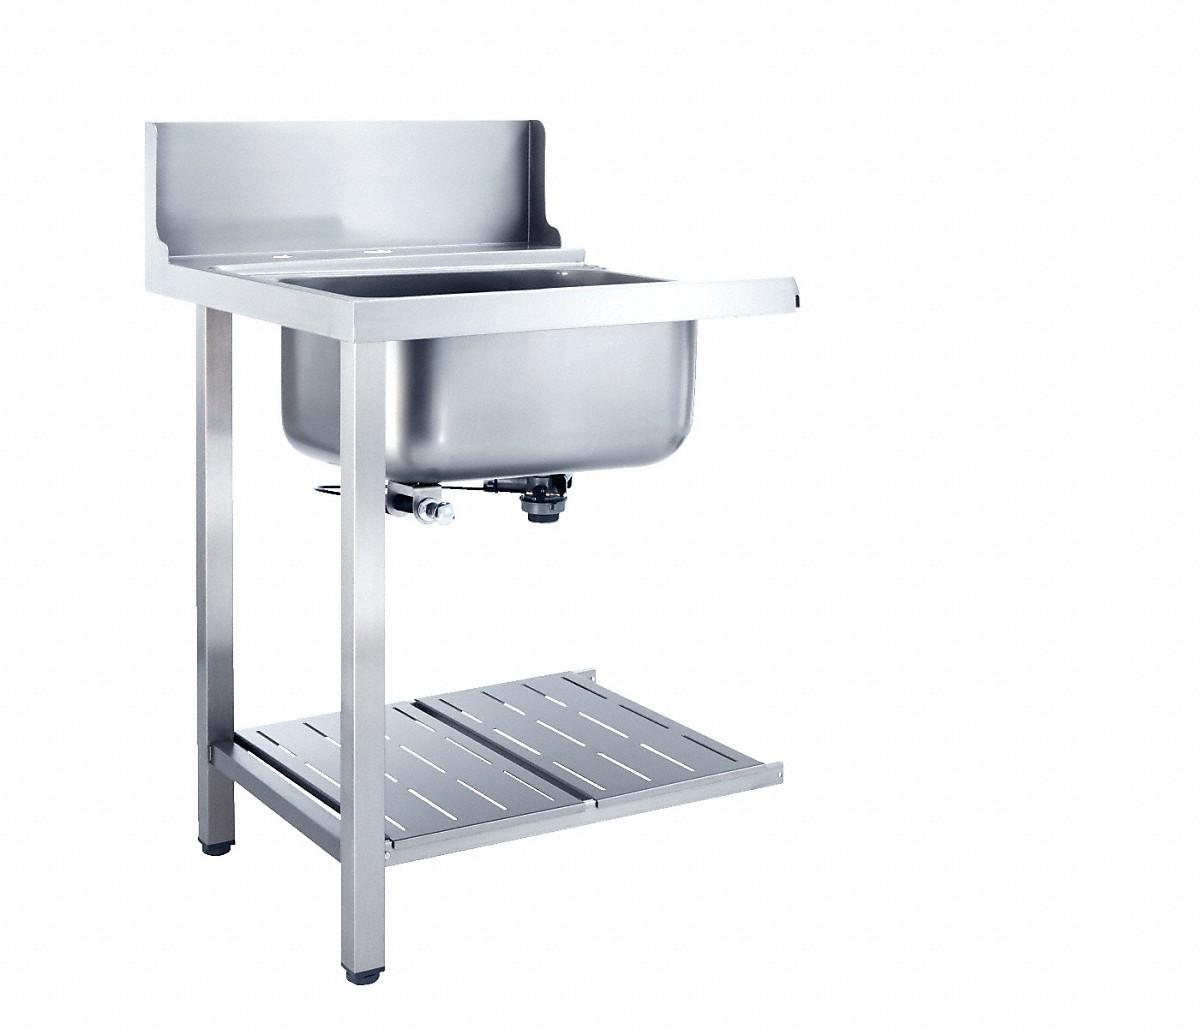 Spulbecken mit spulmaschine for Minikuche mit geschirrspuler